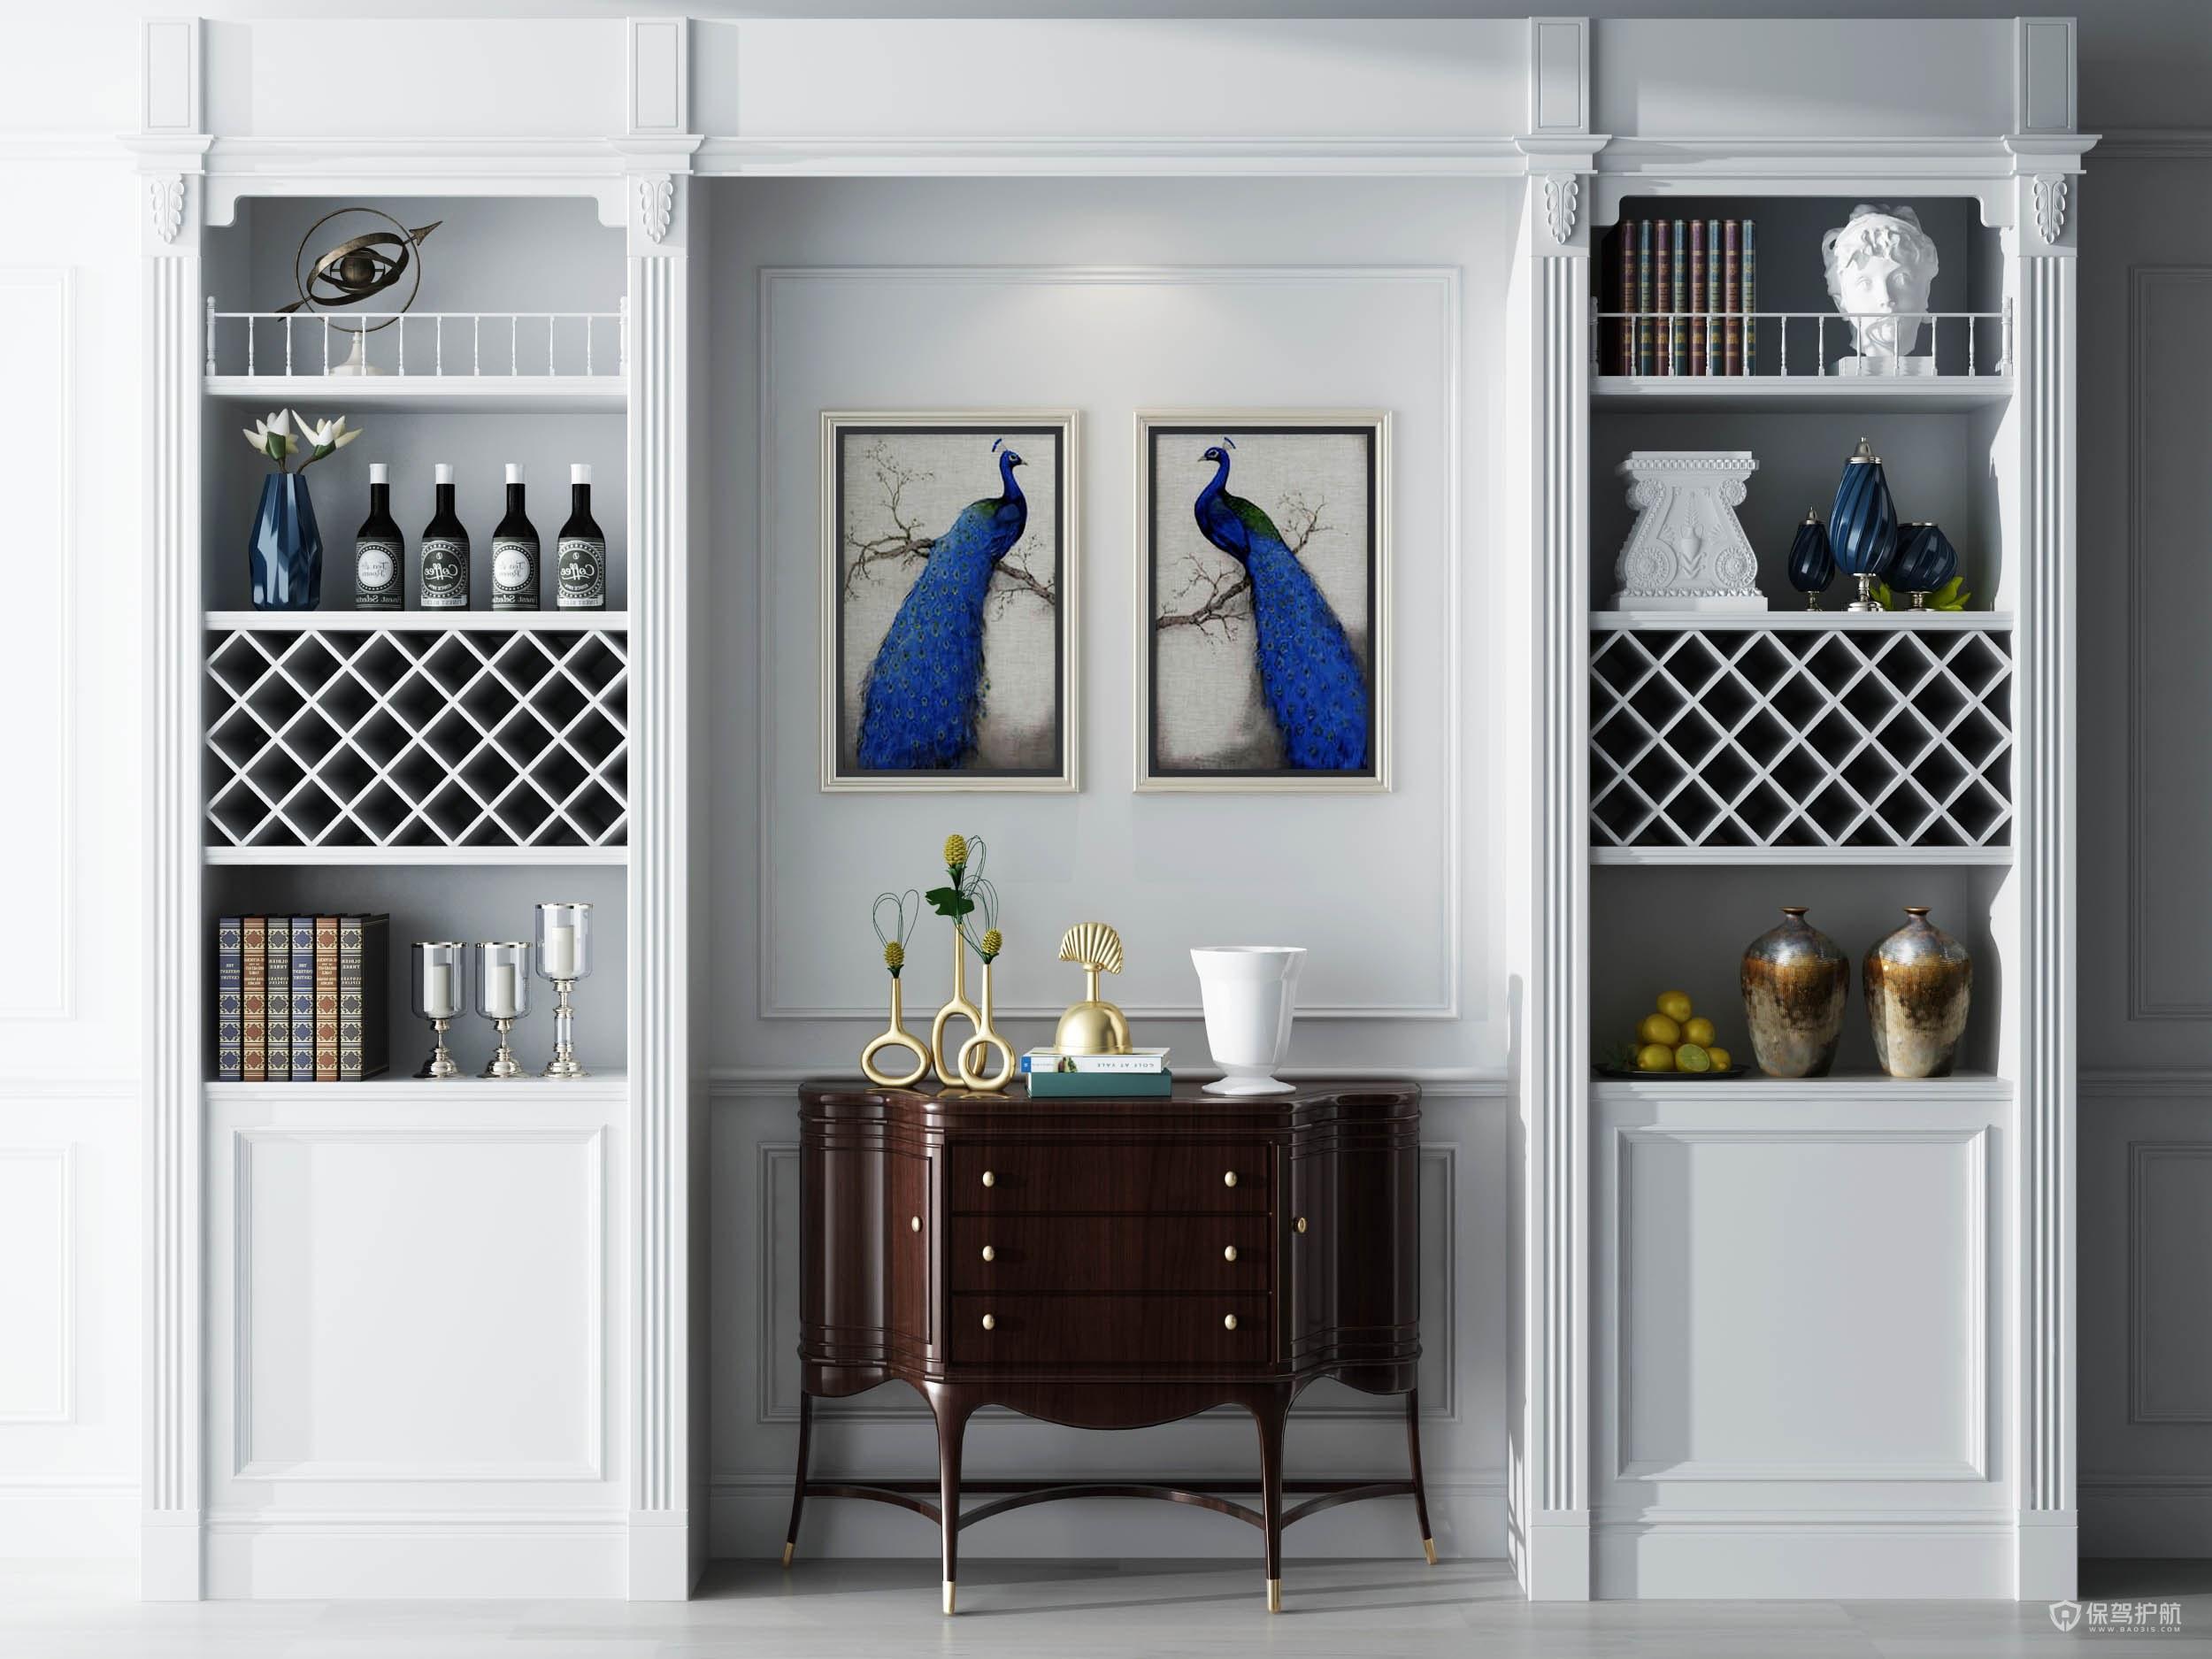 鞋柜与酒柜一体设计好吗?小户型鞋柜怎么设计